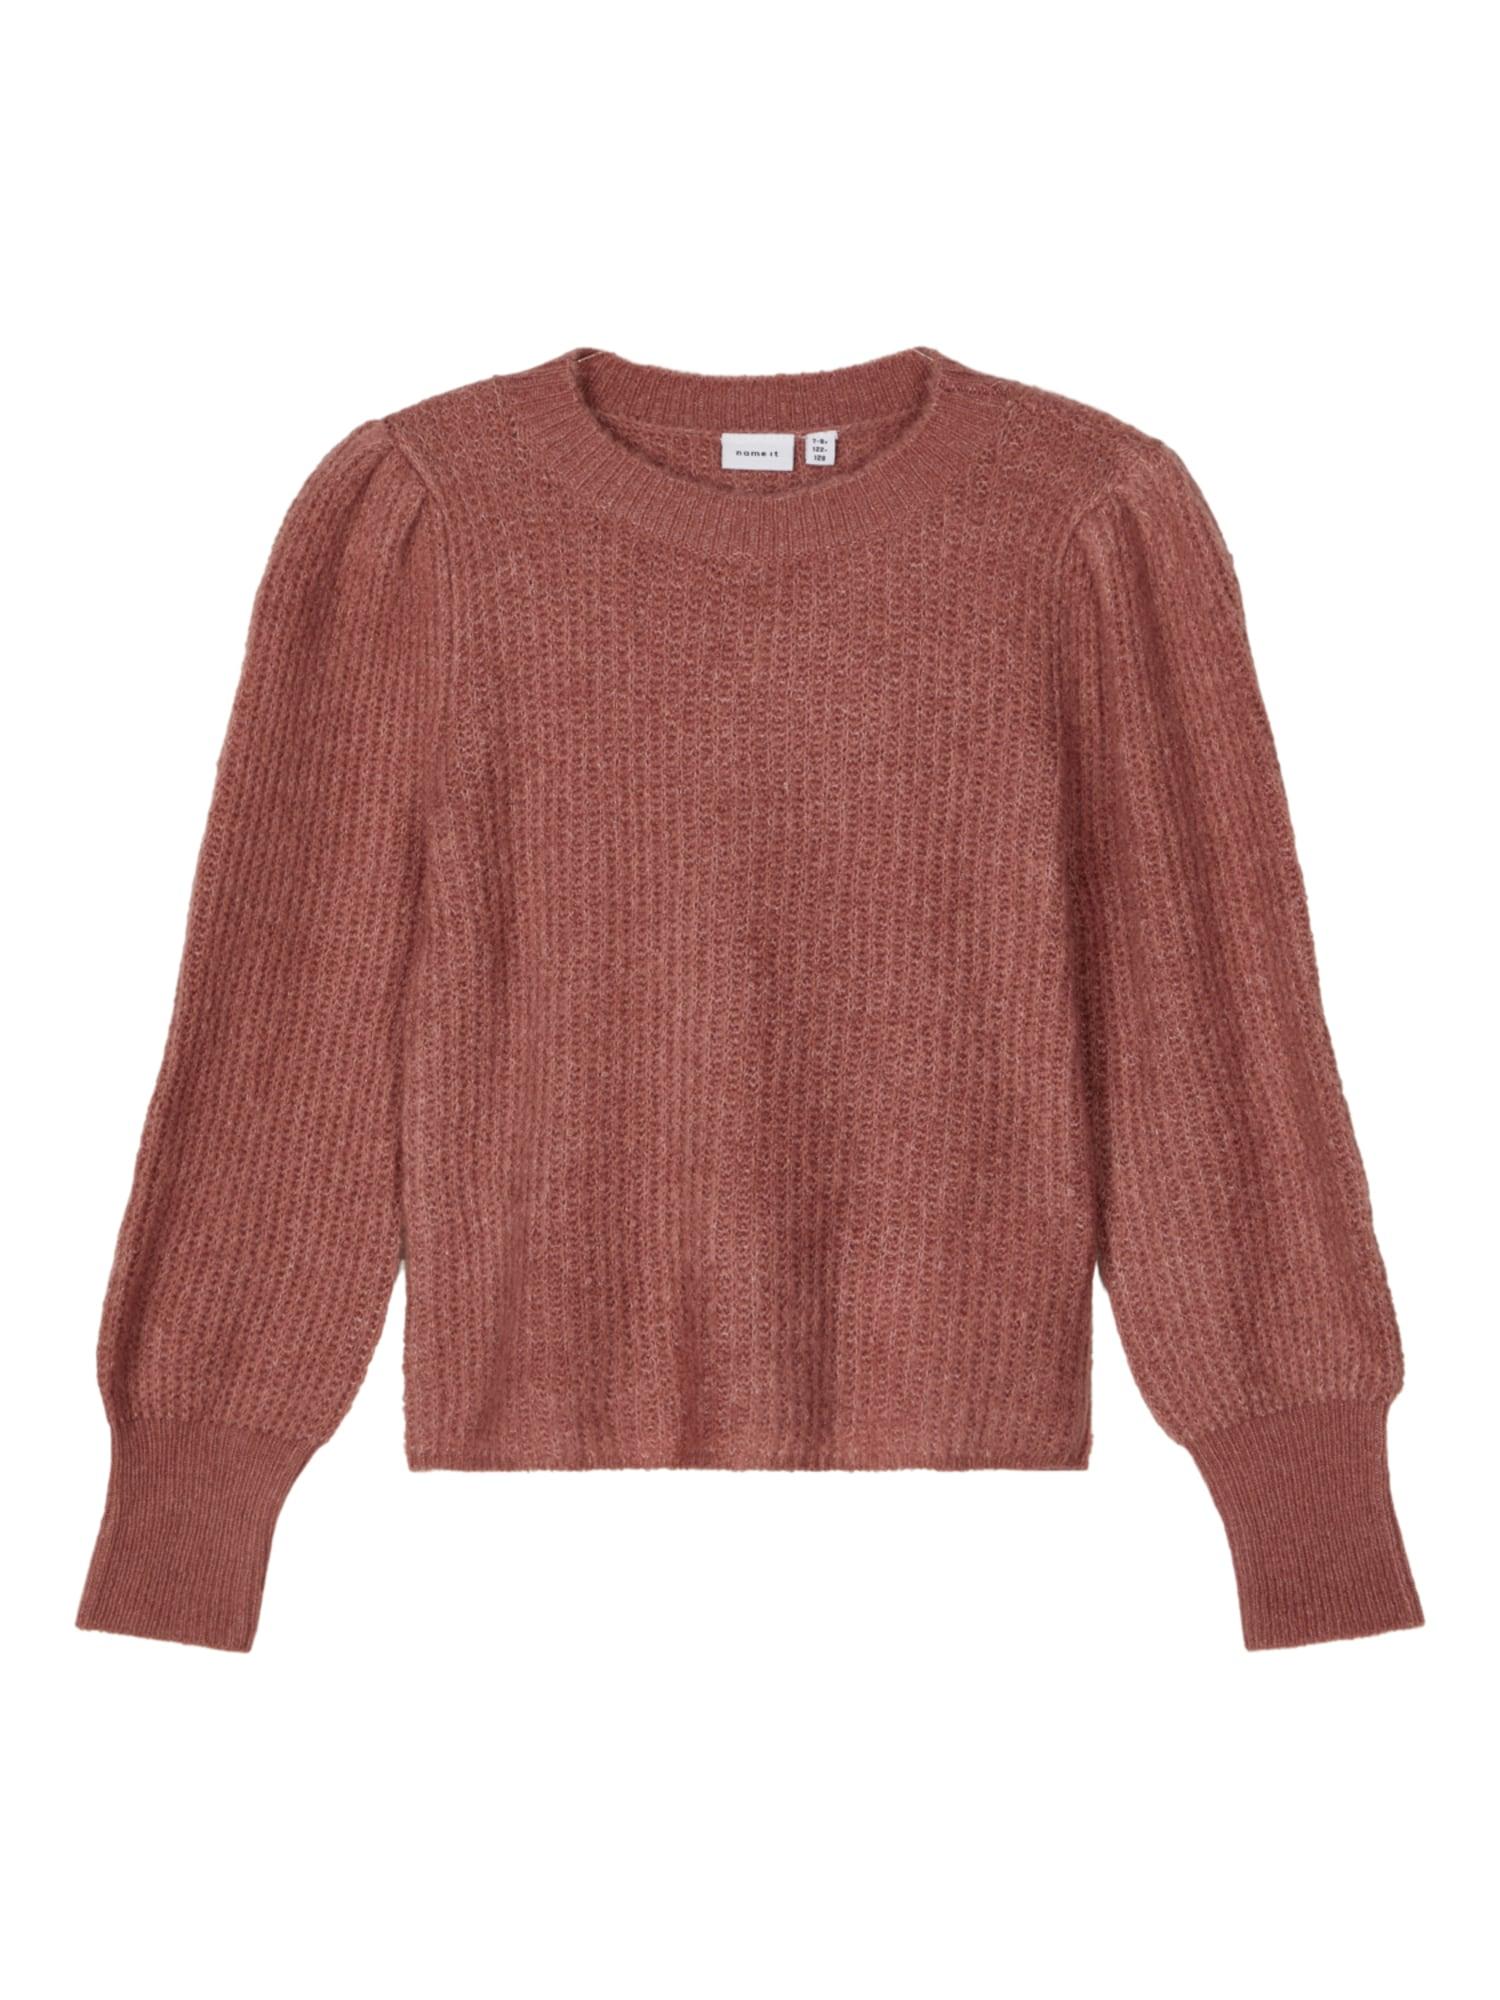 NAME IT Megztinis ryškiai rožinė spalva